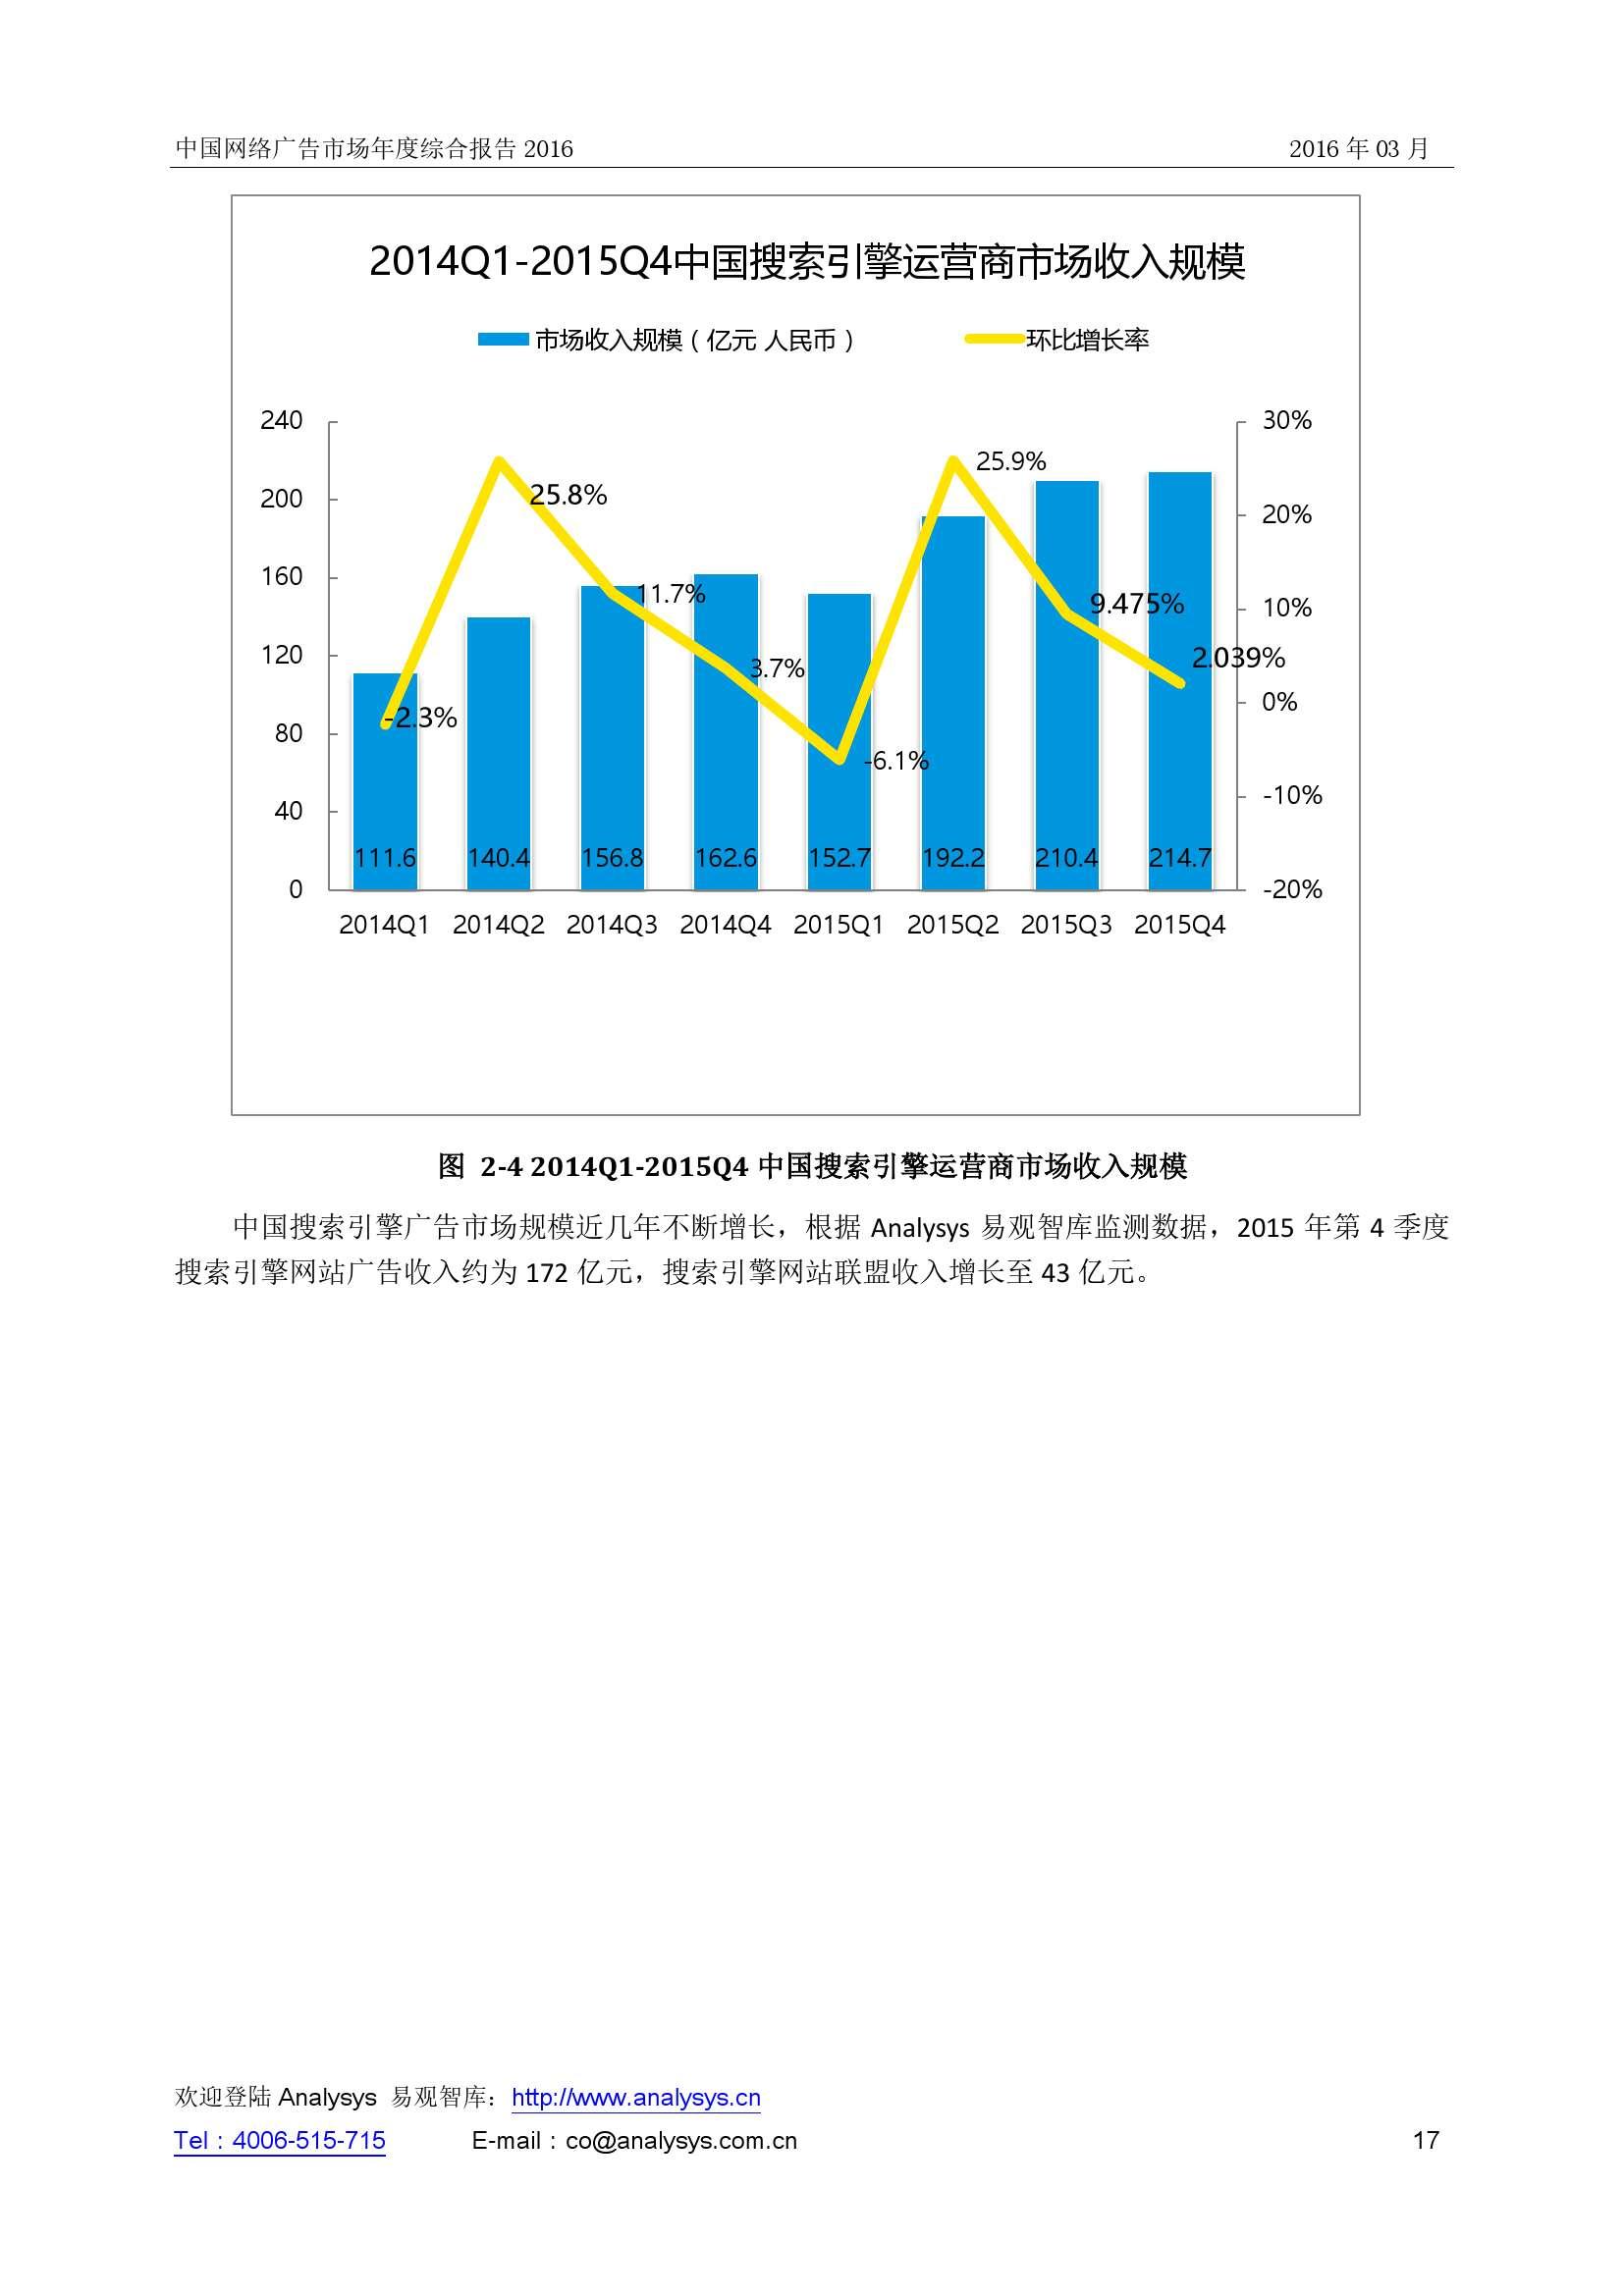 中国网络广告市场年度综合报告2016_000017